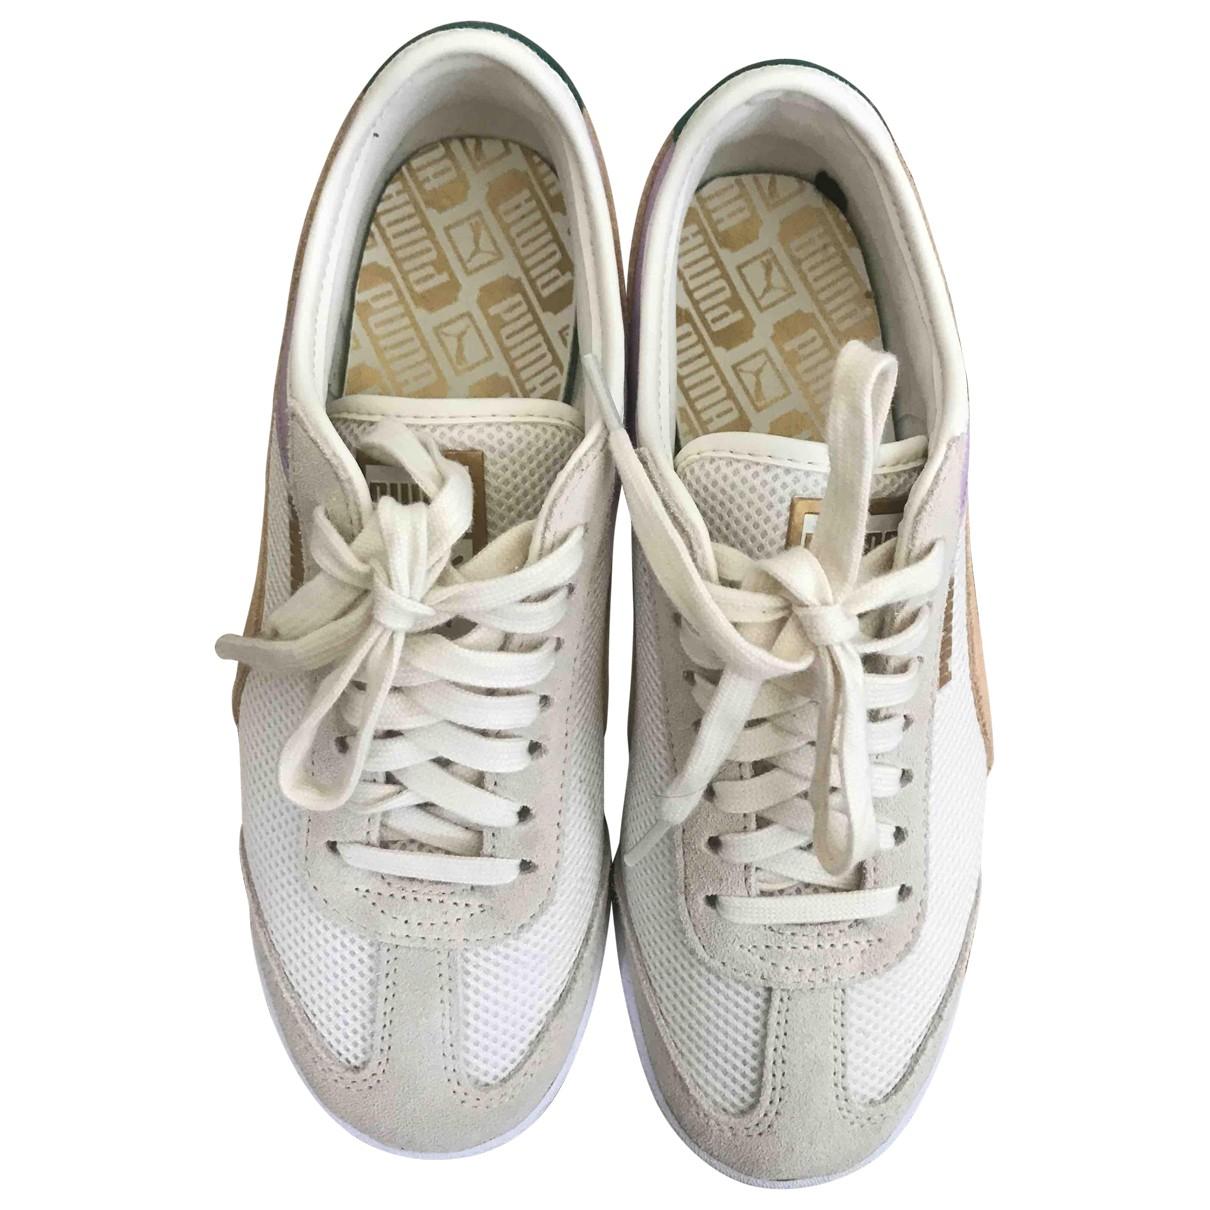 Puma \N Sneakers in  Beige Polyester